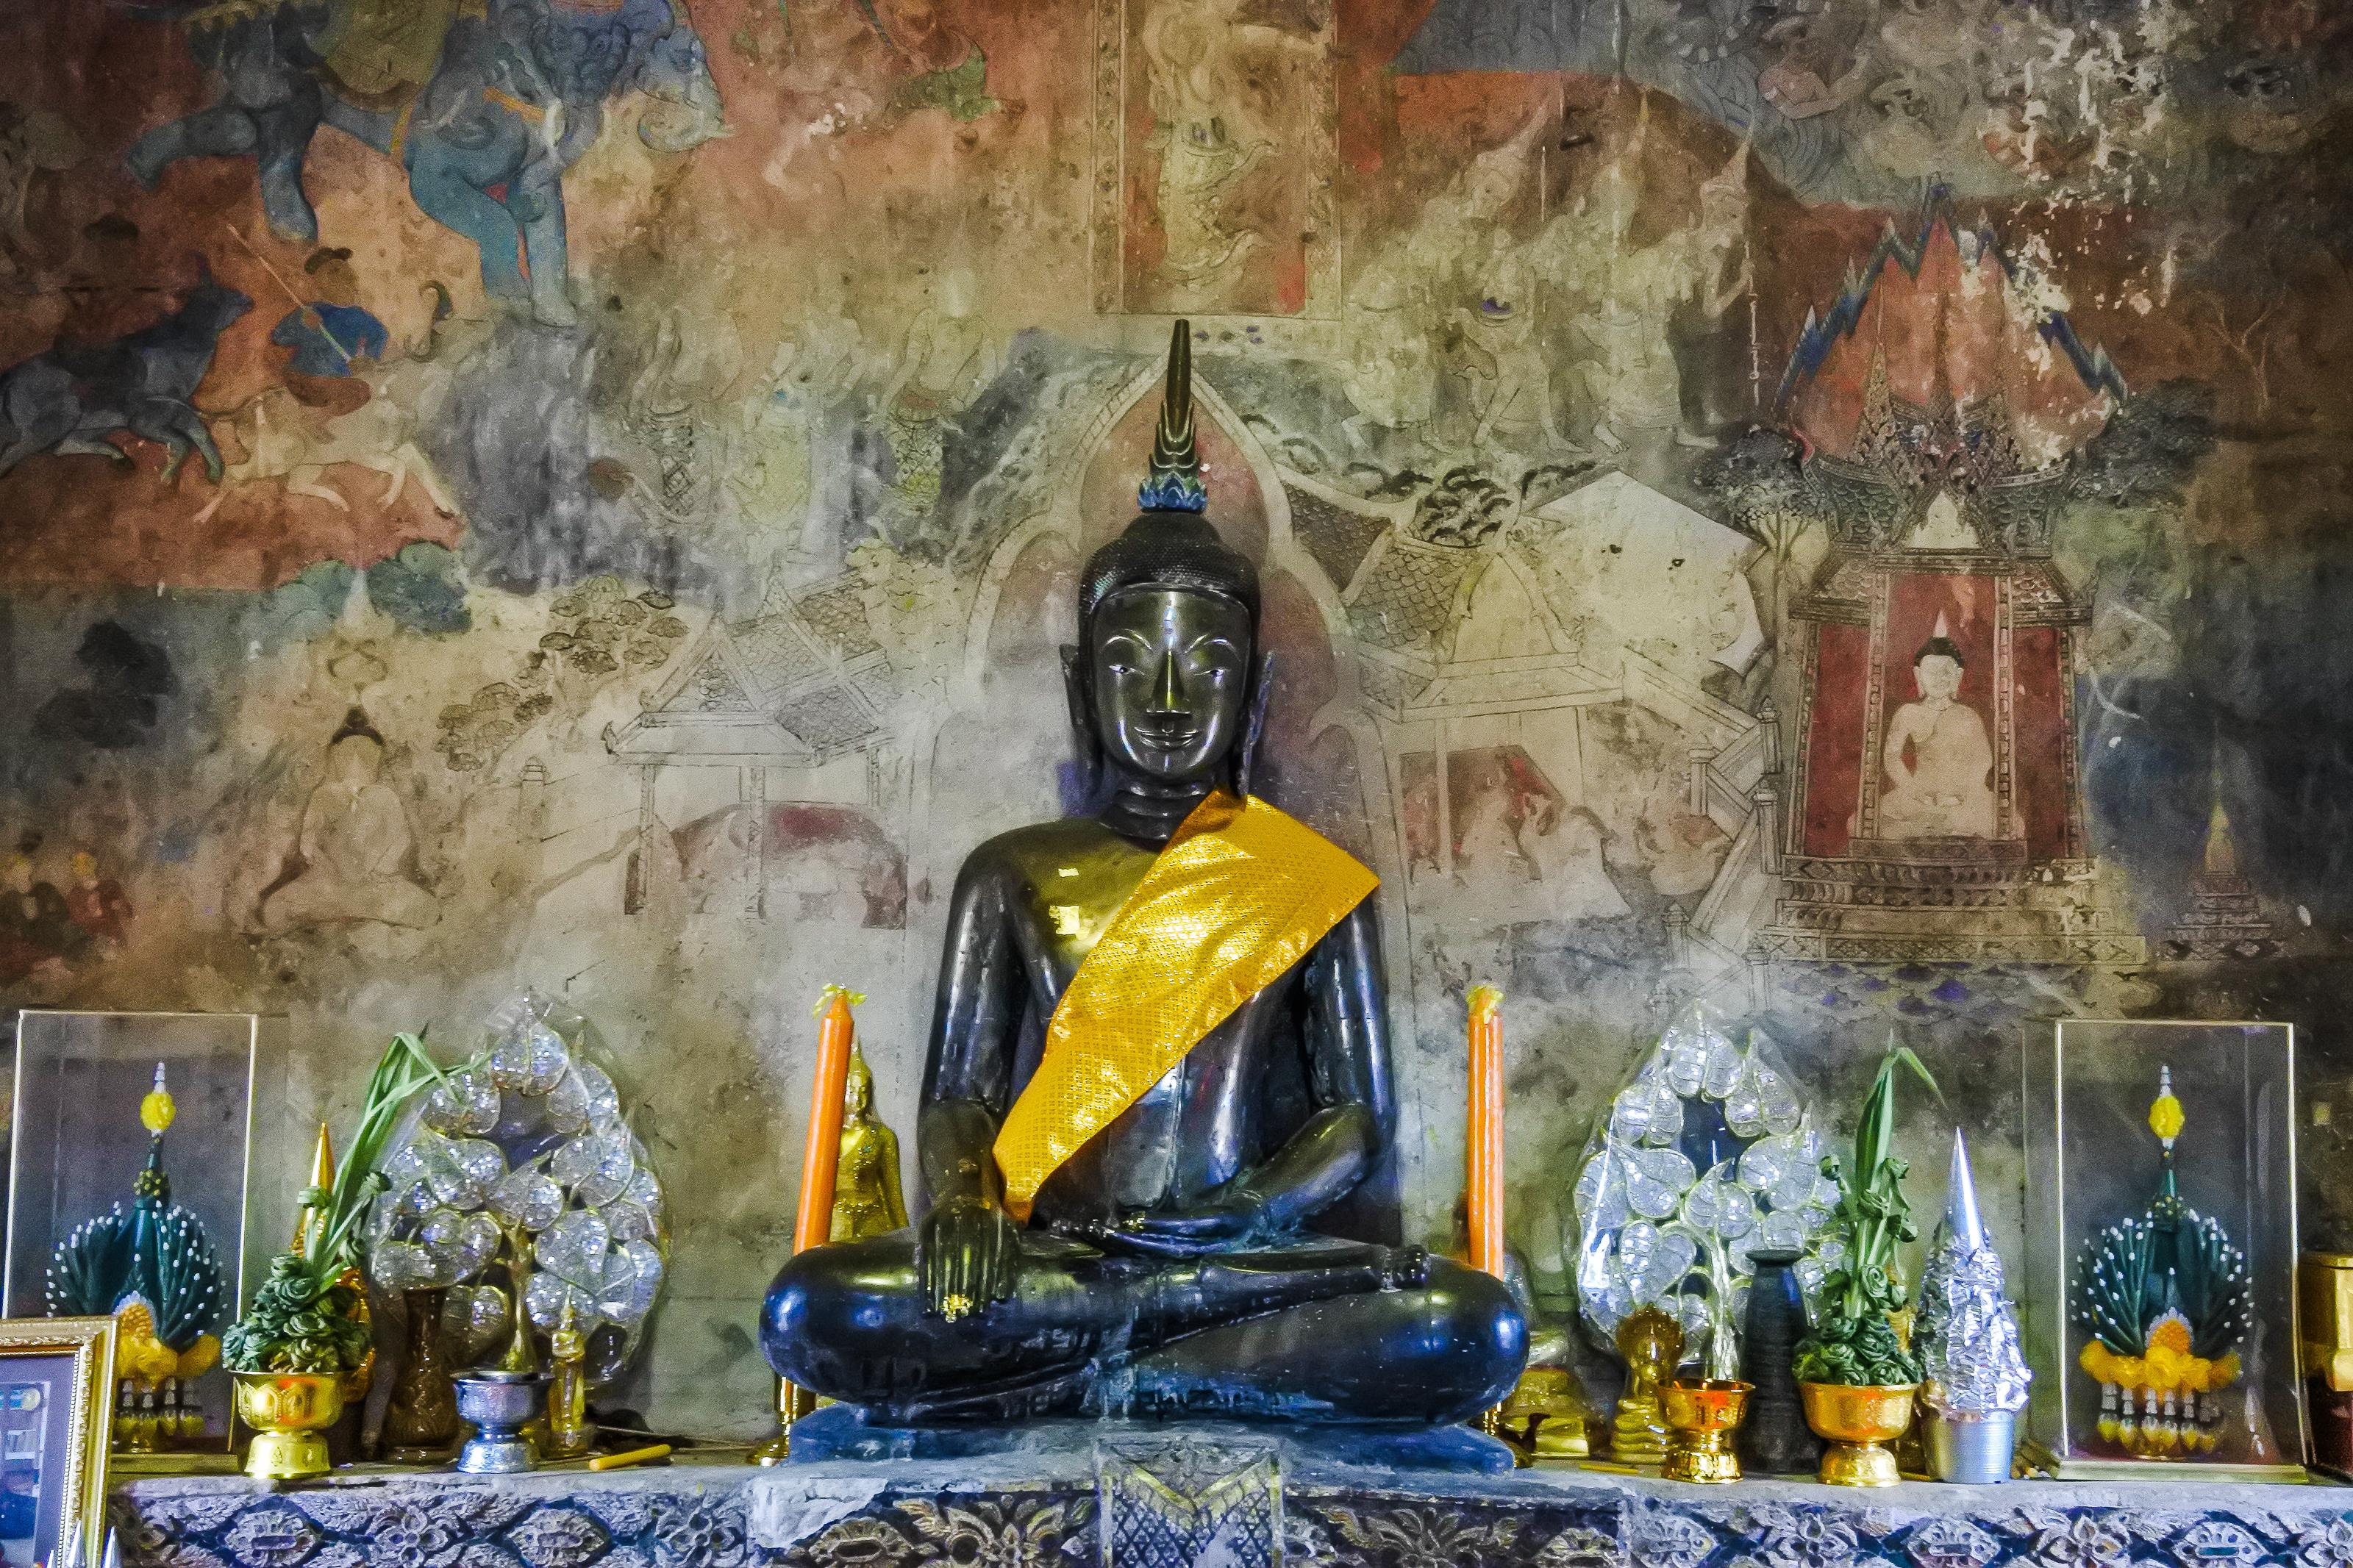 Décoration Salle De Méditation images gratuites : étang, art, texture, salle, historique